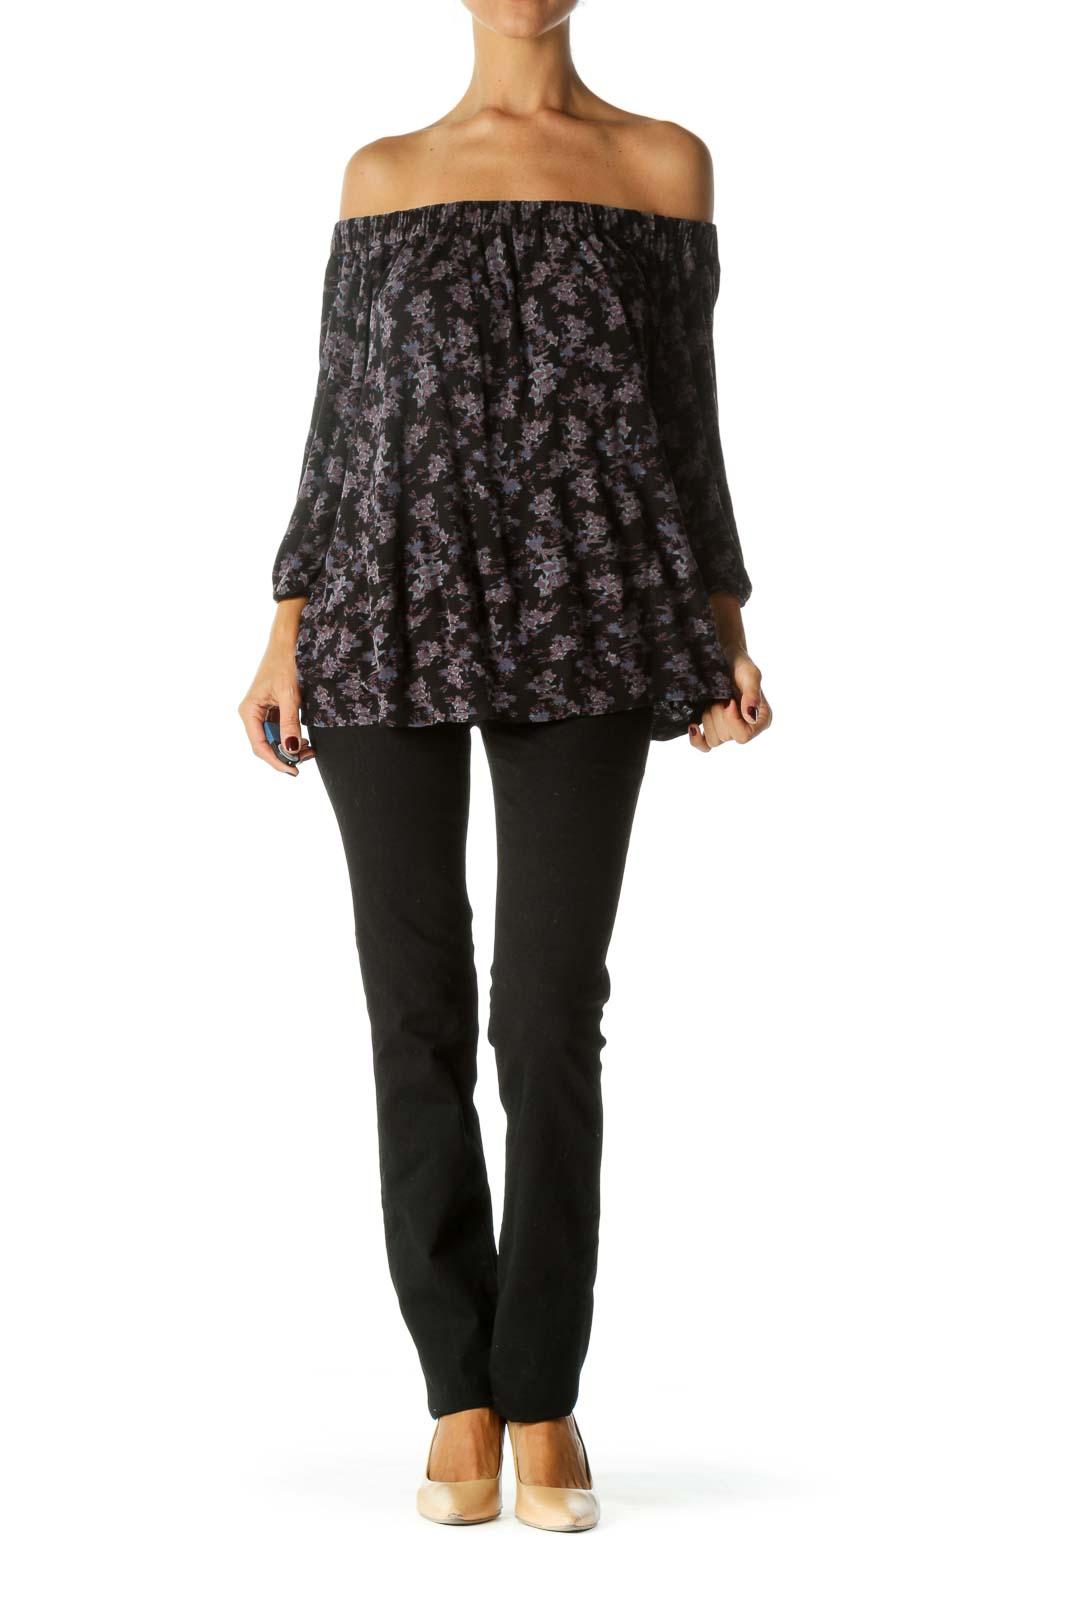 Black Purple Cold Shoulder Floral Print 3/4 Sleeve Knit Top